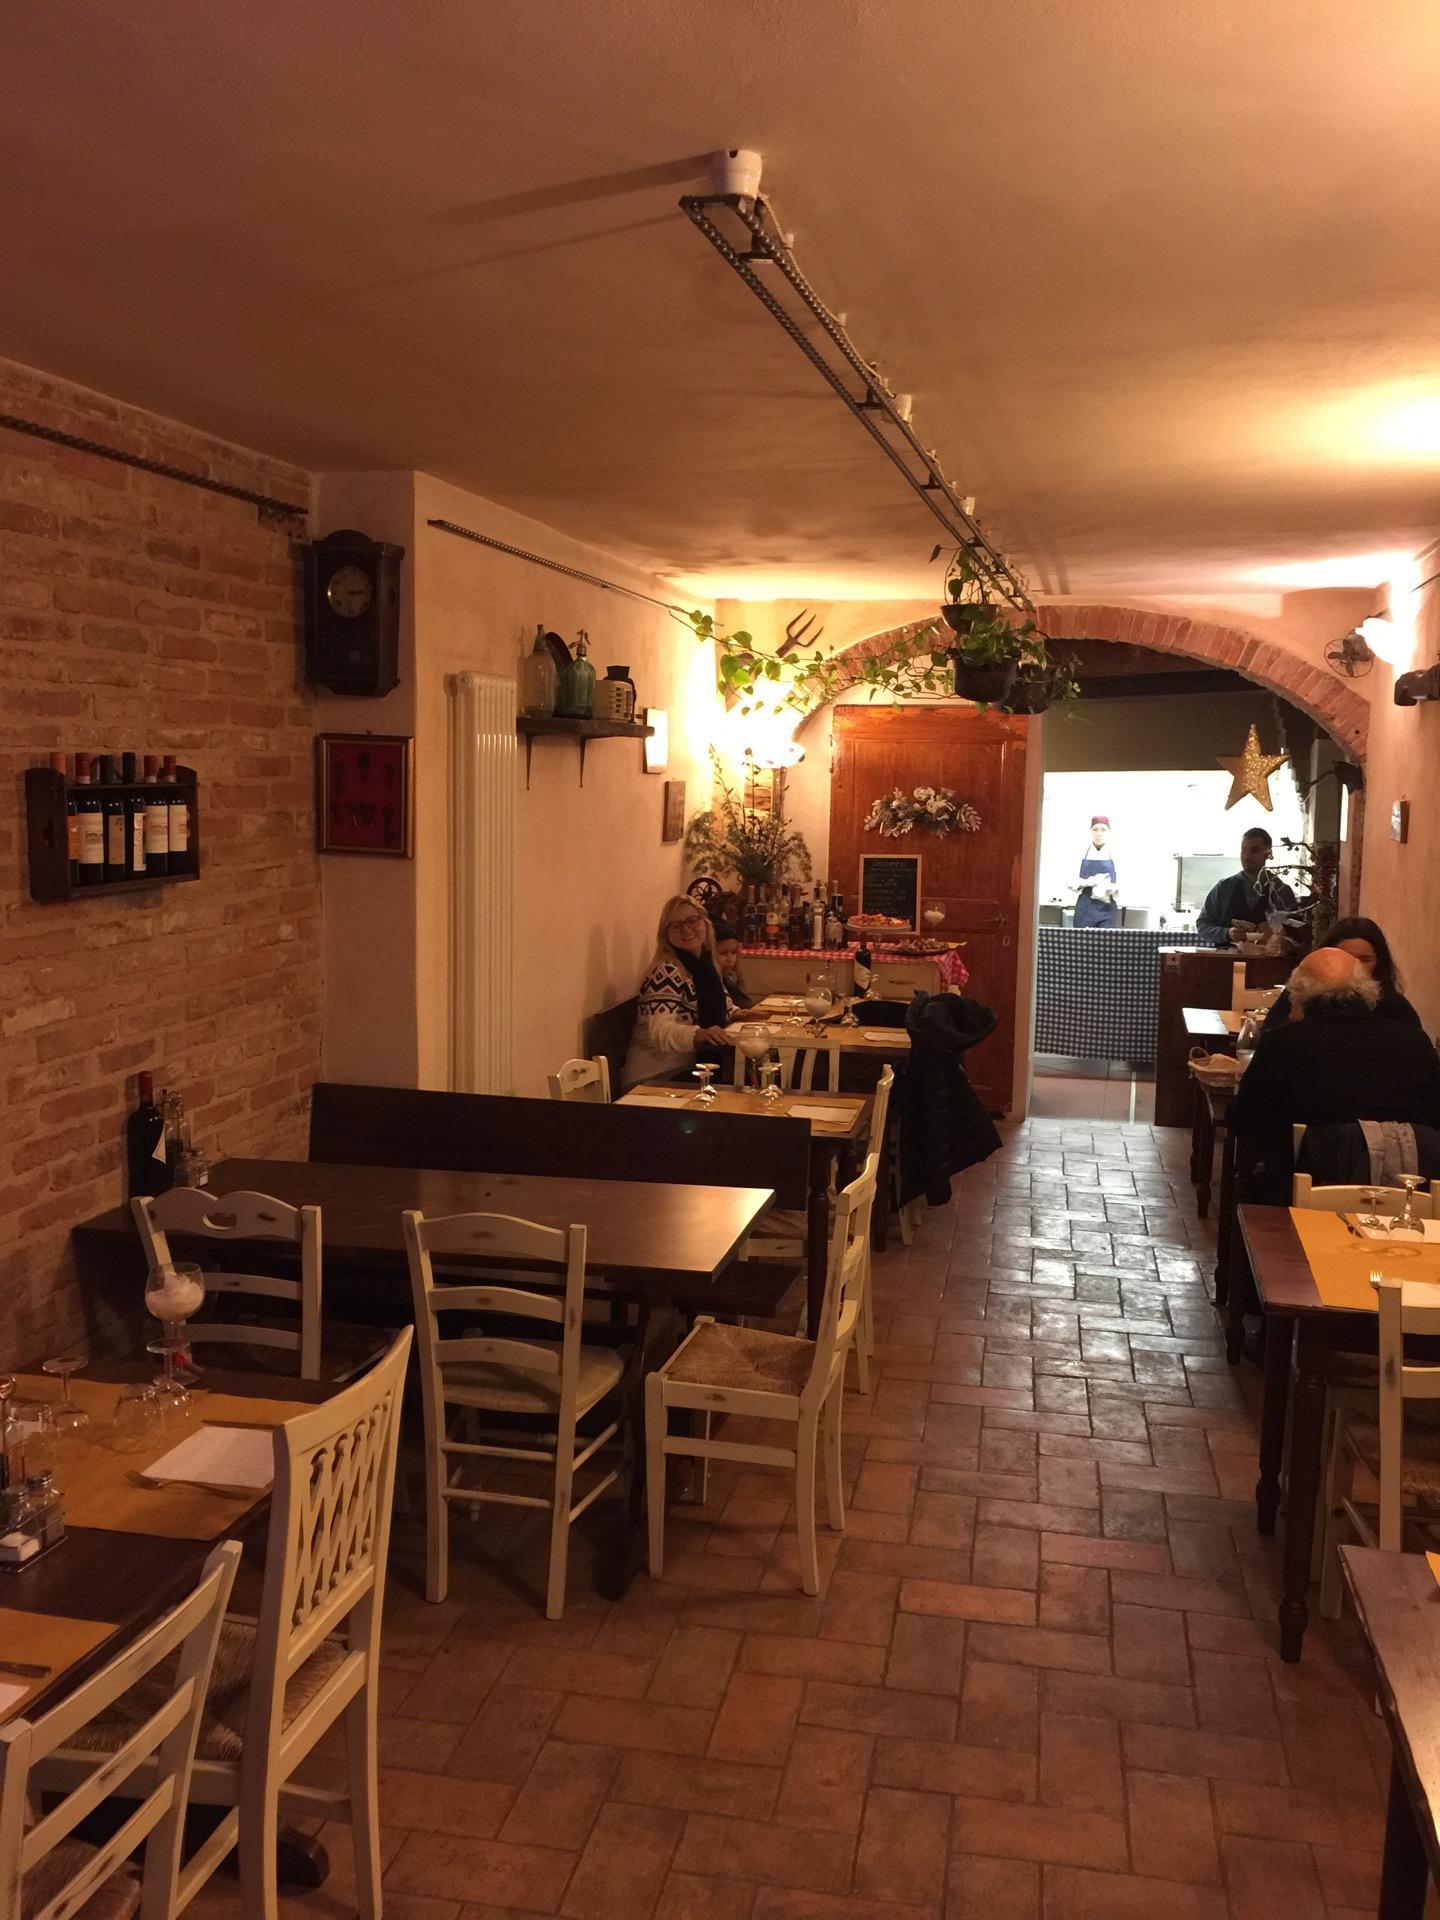 Reasons to eat out in Siena - antica trattoria stalloreggi